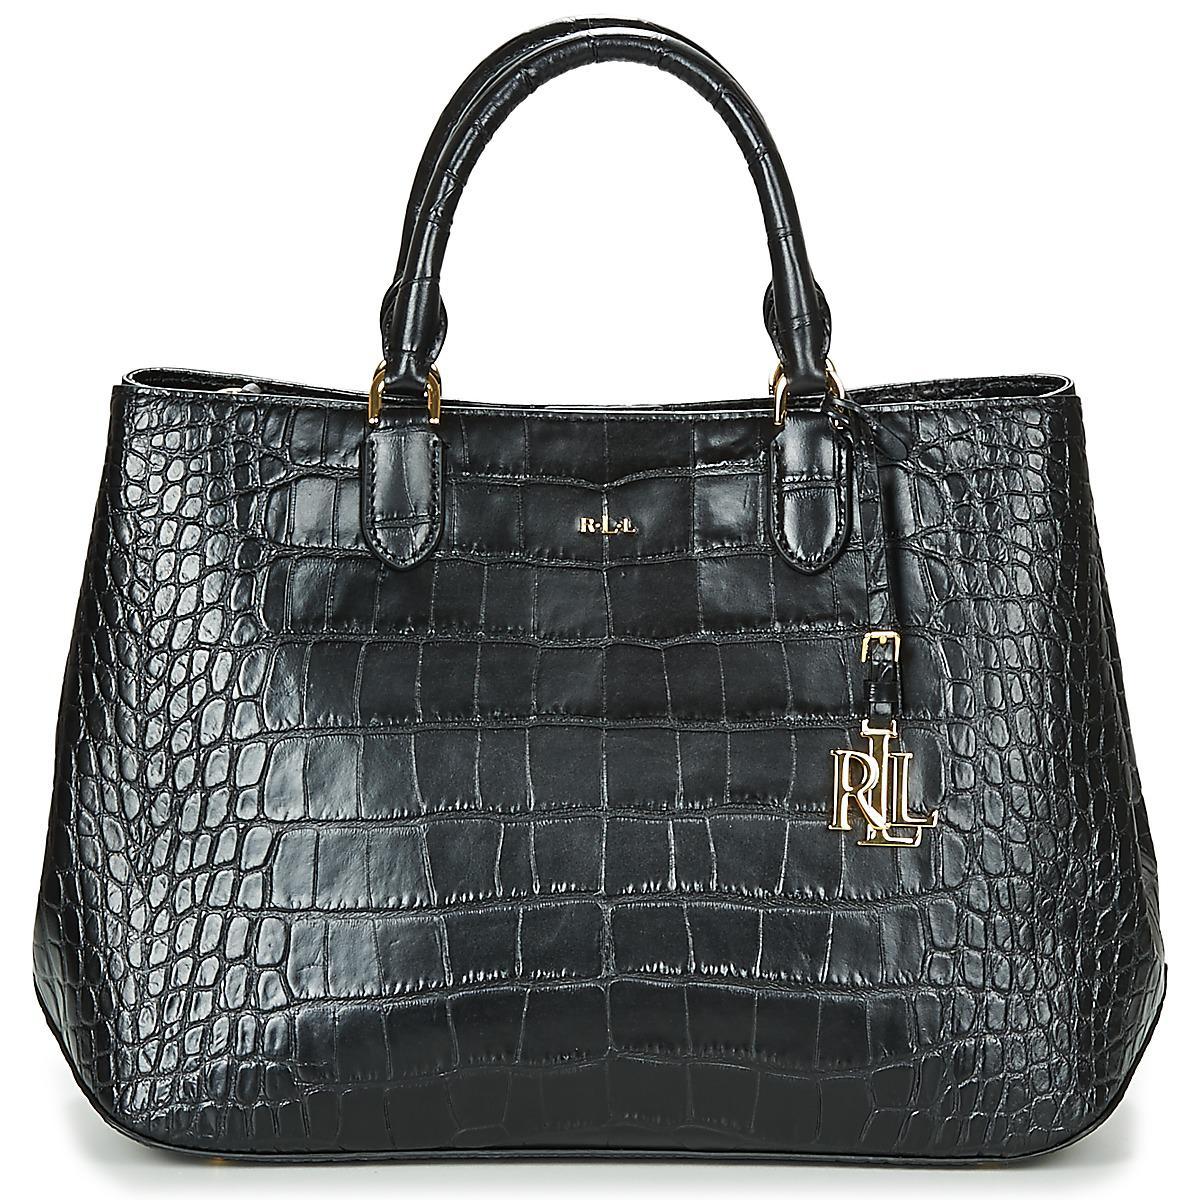 d56902caca64 Lauren by Ralph Lauren Newbury Sabine Women s Handbags In Black in ...